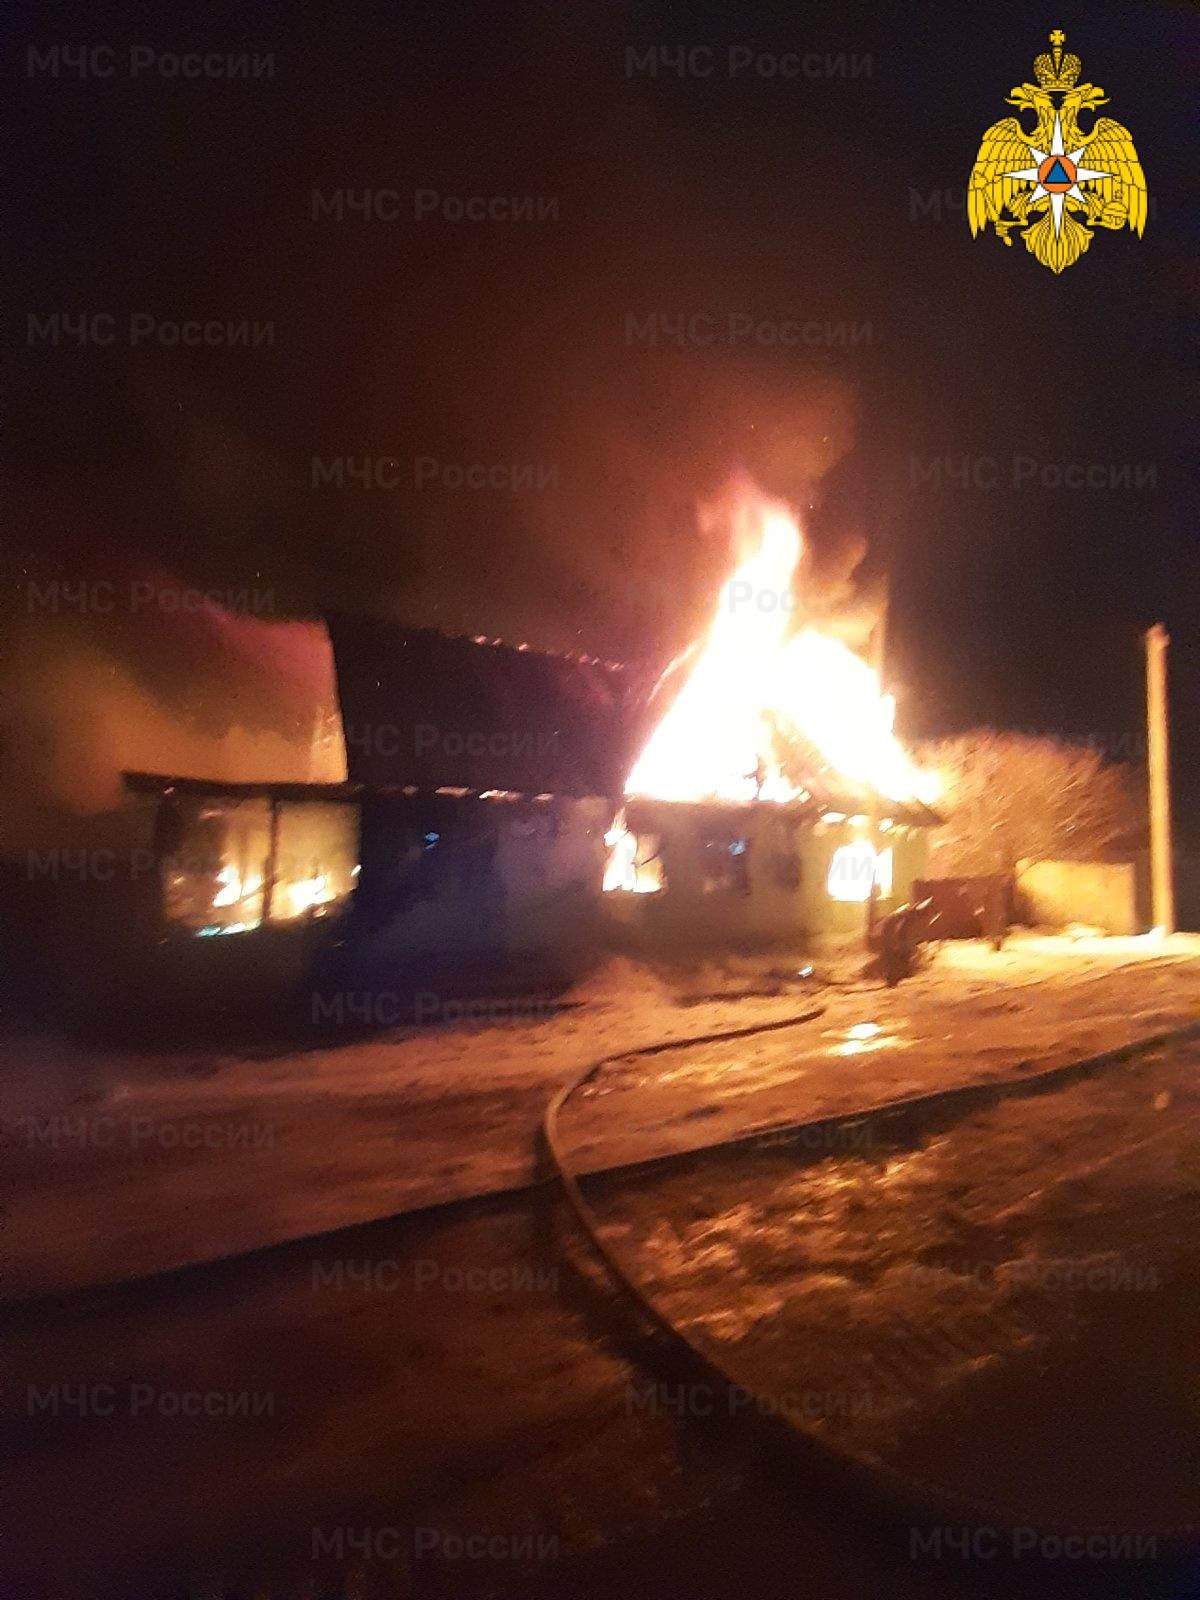 Пожар в Мещовском районе, г. Мещовск, ул. Карла Маркса